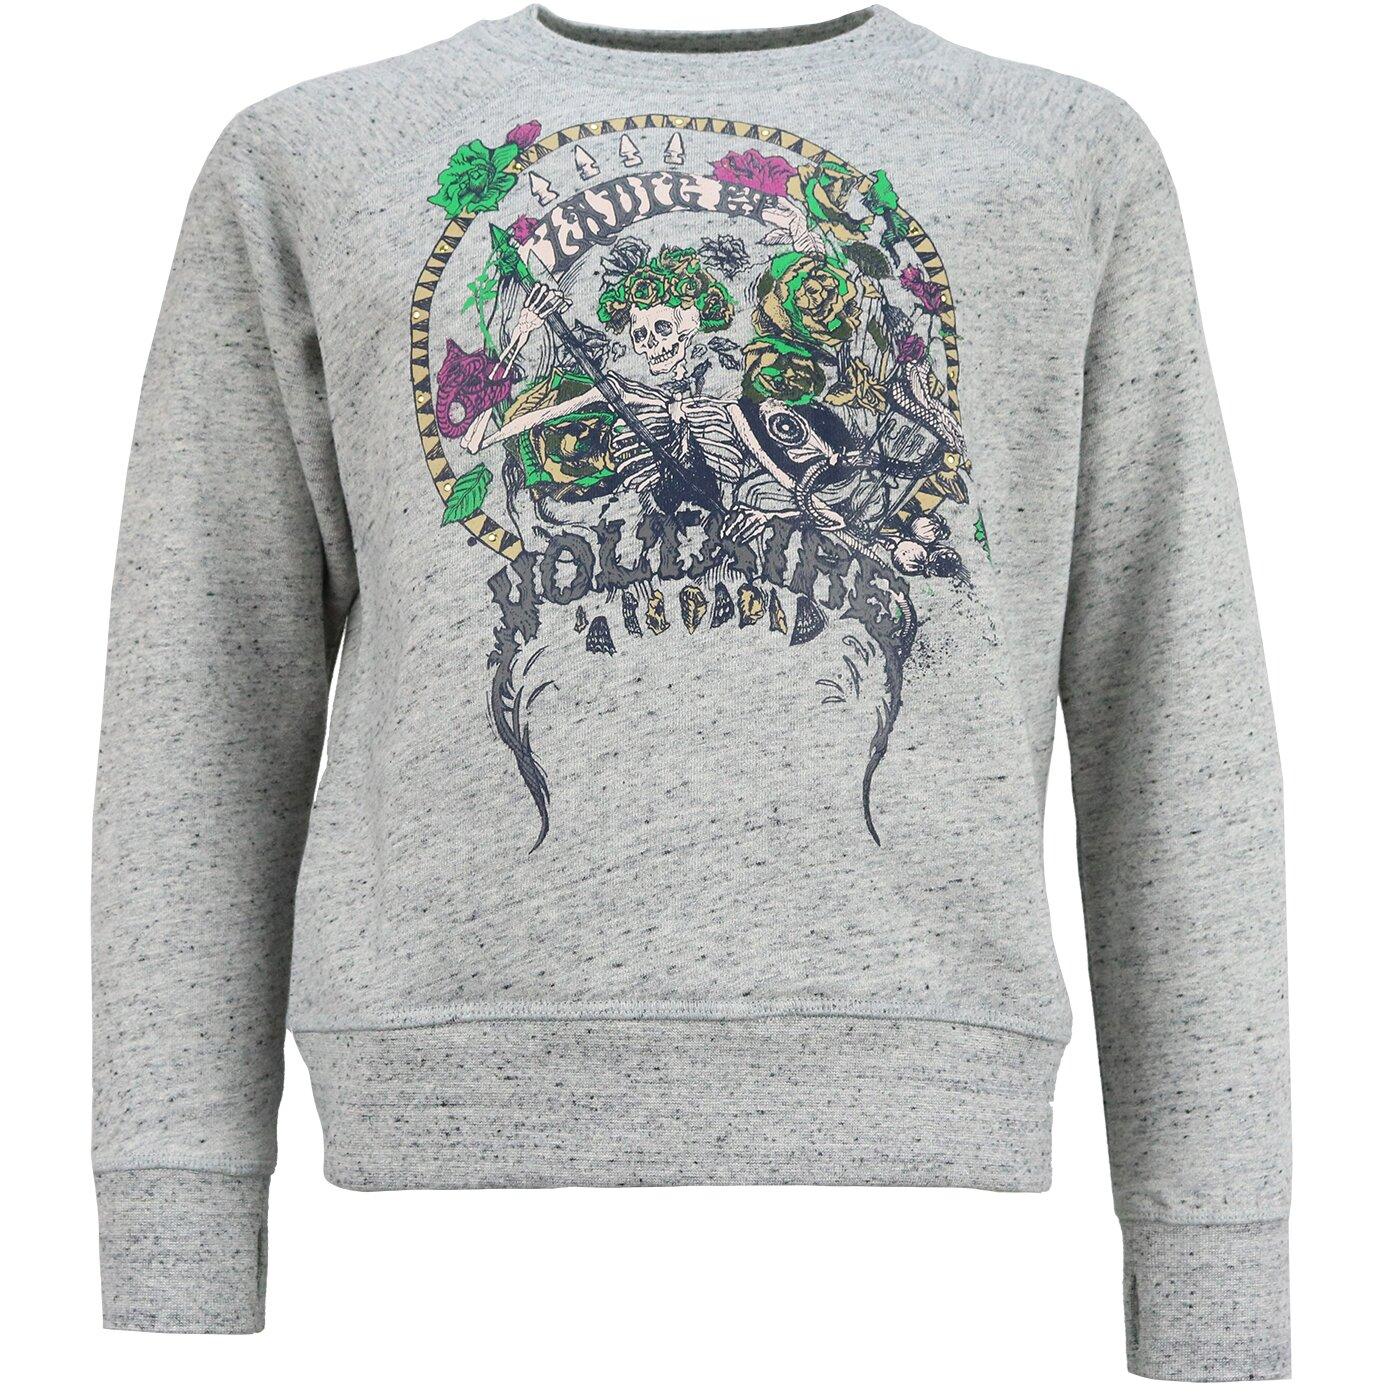 Zadig & Voltaire Sweater Spikkelgrijs X15282